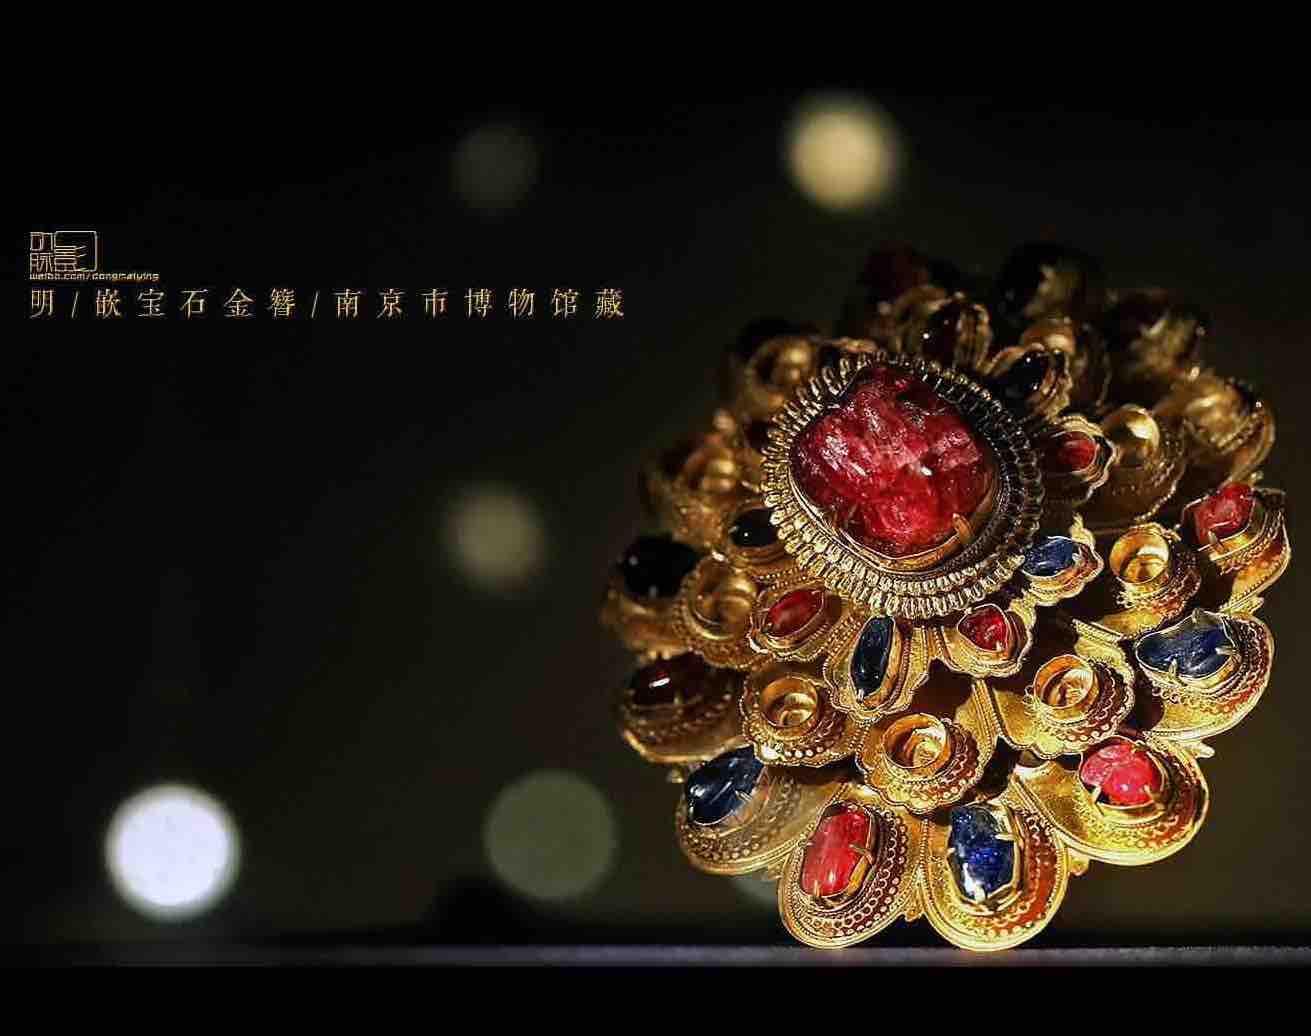 Gold Hairpin (Zan) of the Ming Dynasty — Nanjing Museum